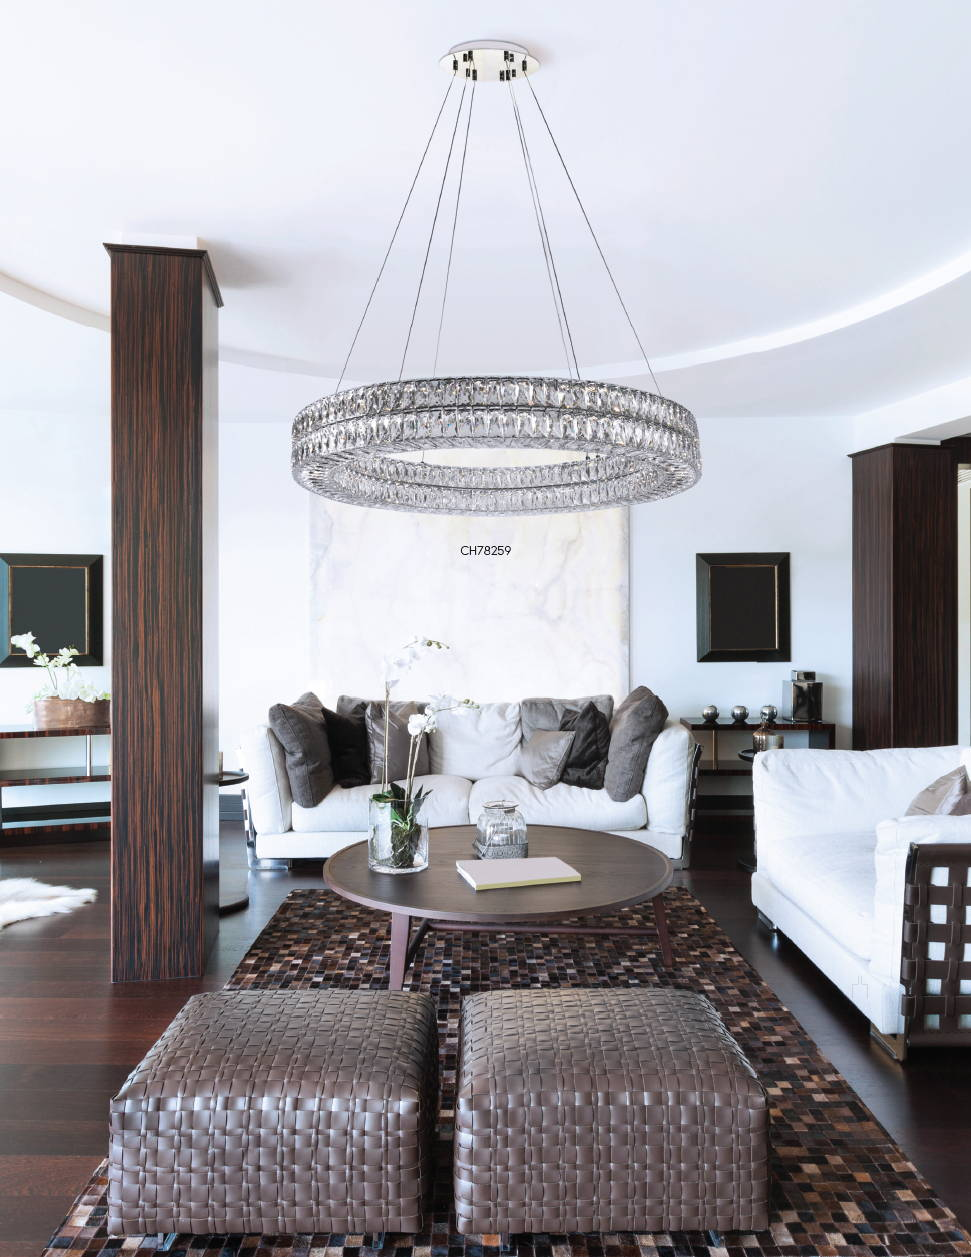 Kuzco Solaris Living Room Chandelier